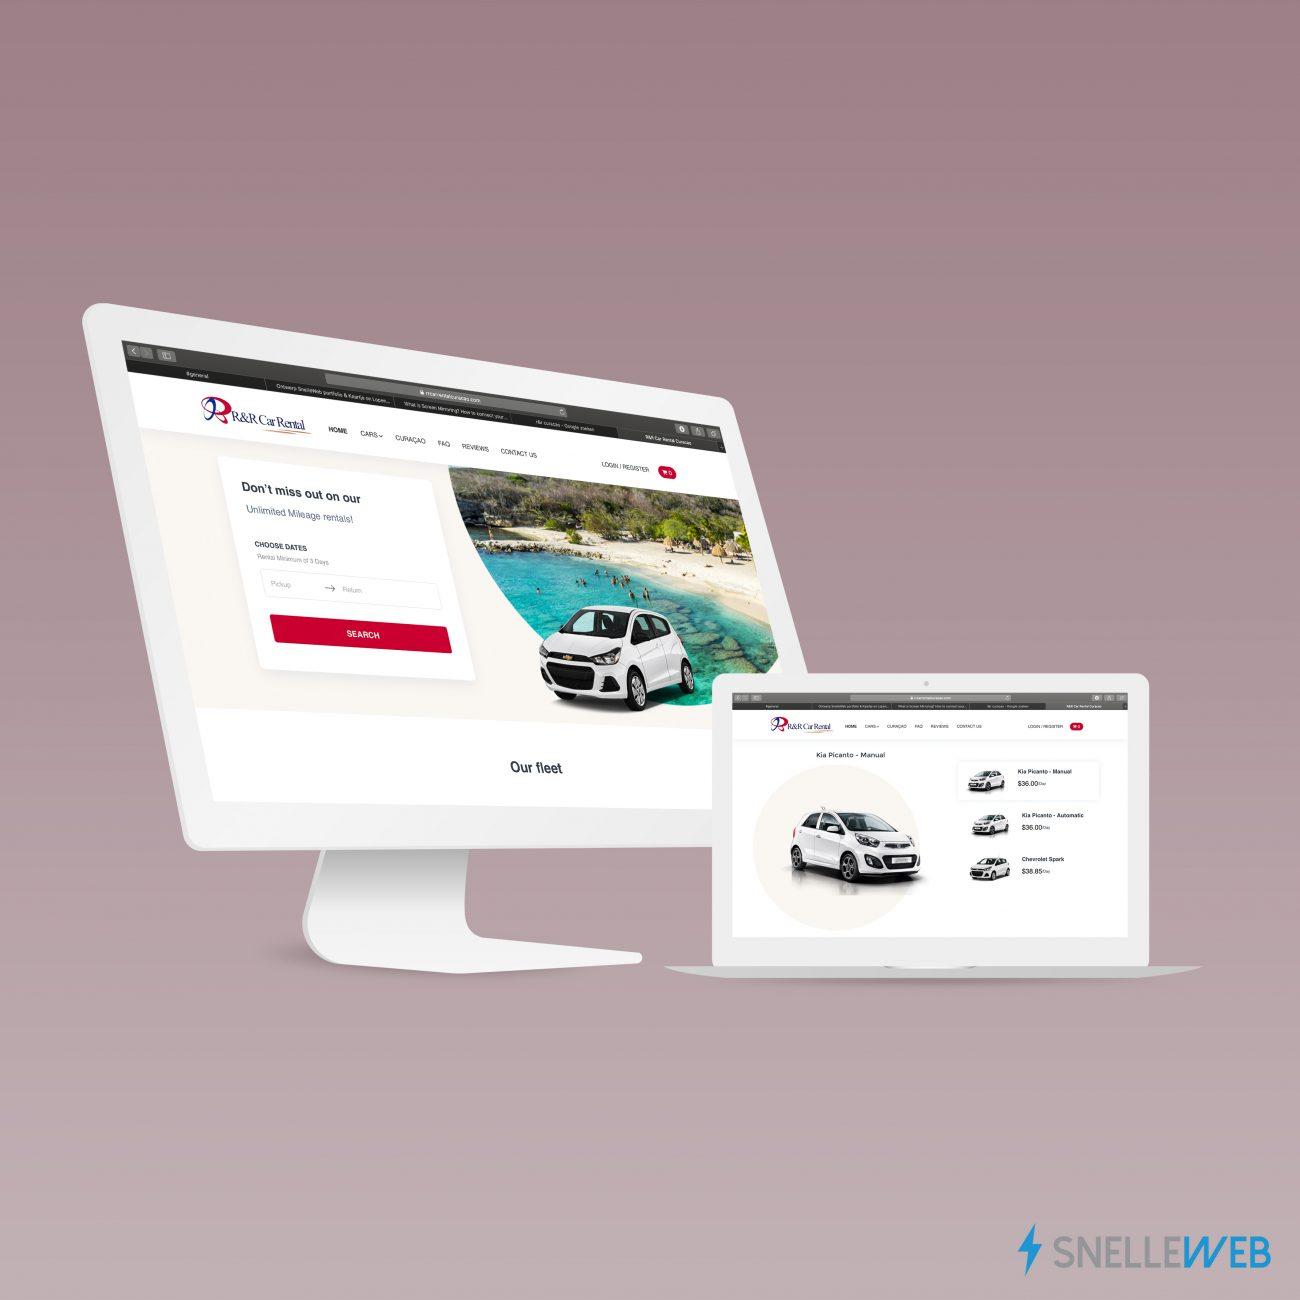 R&R Car Rental